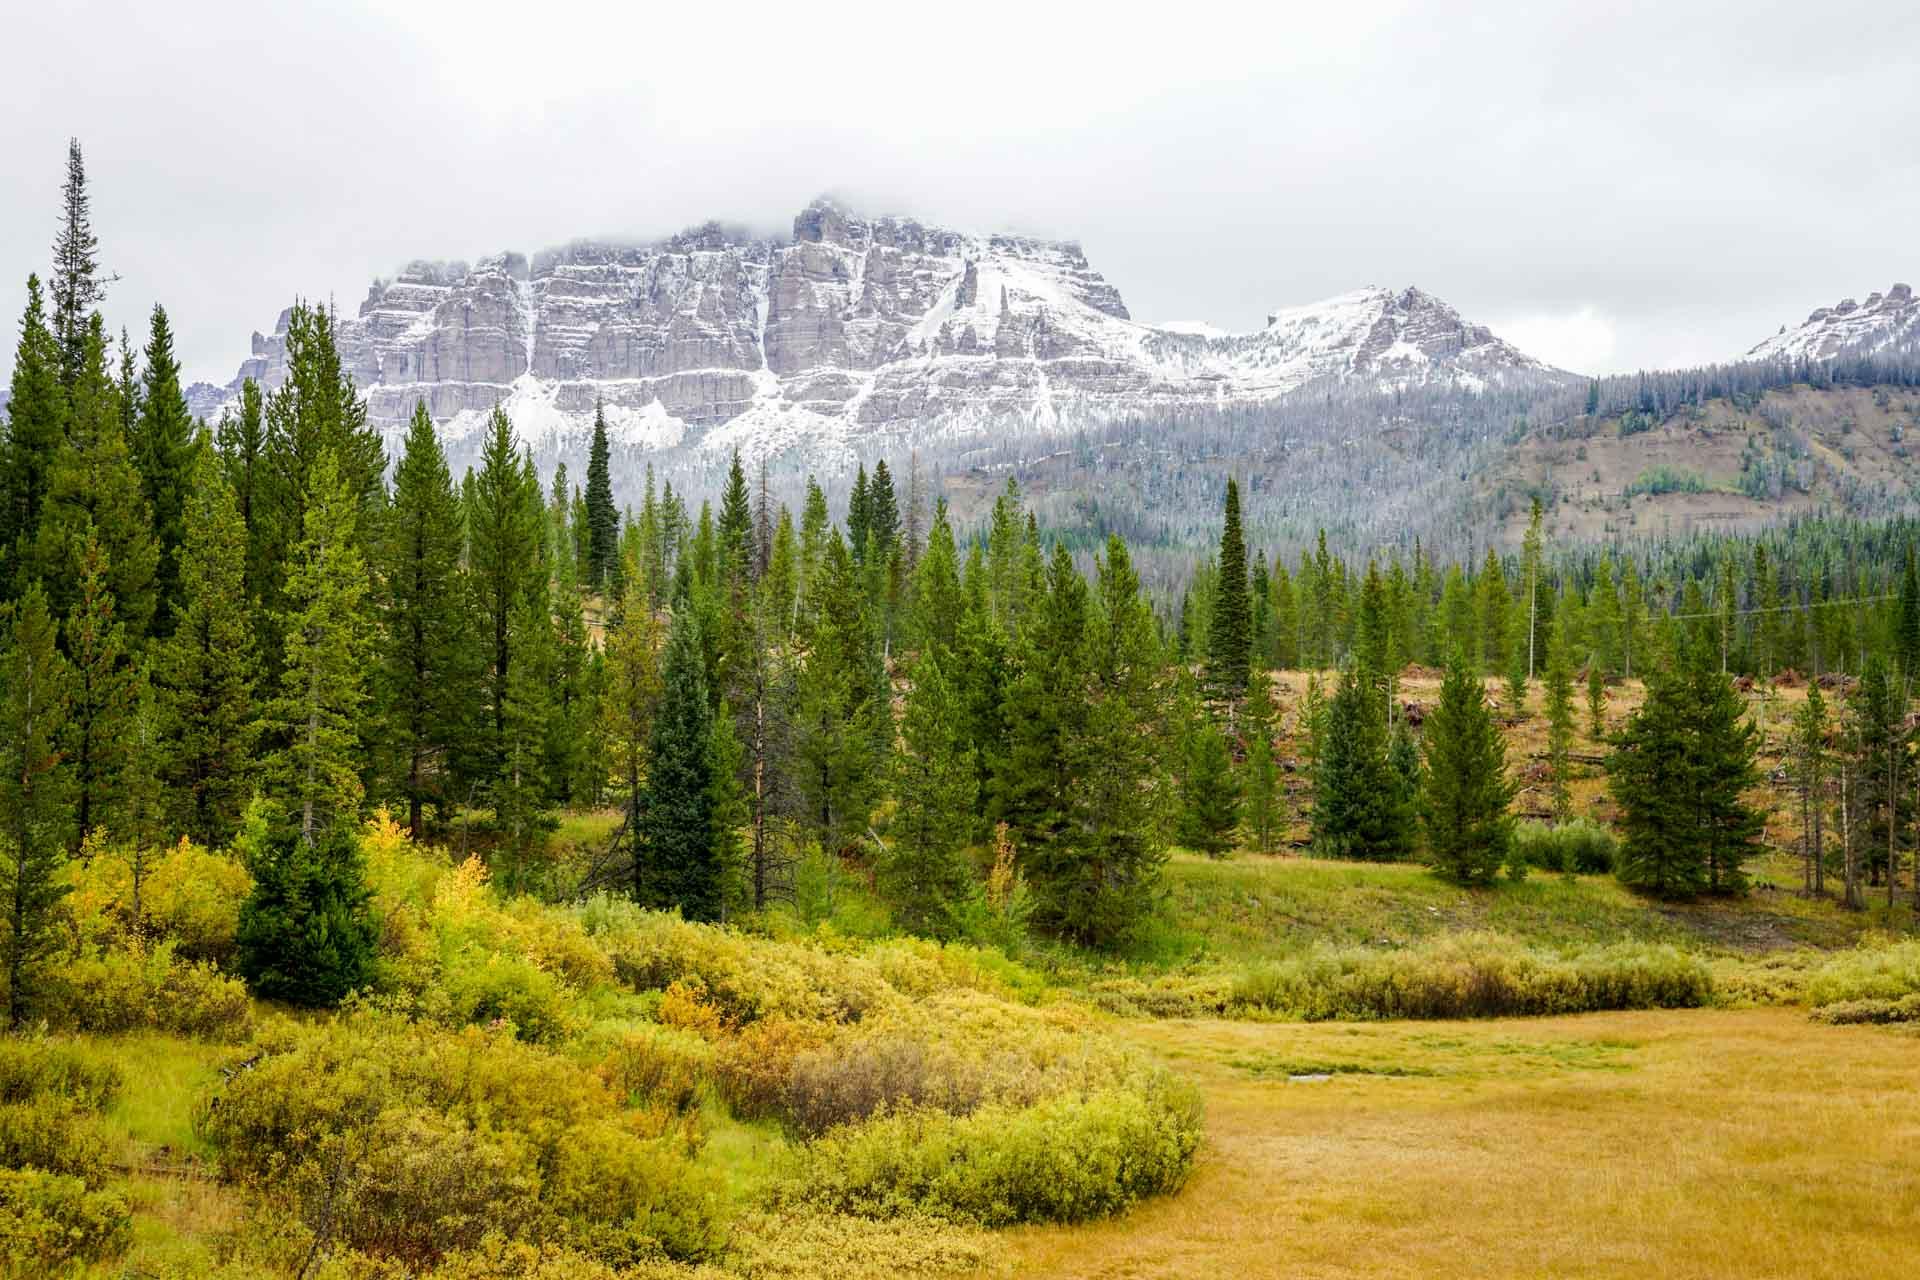 <p>Célèbre pour abriter le&nbsp;Yellowstone, plus ancien Parc national des États-Unis, le Wyoming&nbsp;est l&#39;incarnation vivante de ce que fut l&#39;Amérique et le conquête de l&#39;Ouest dans l&rsquo;imaginaire collectif. On vous emmène en roadtrip sur les routes de cet État où les habitants sont moins nombreux que les bisons et les antilopes&nbsp;!</p>